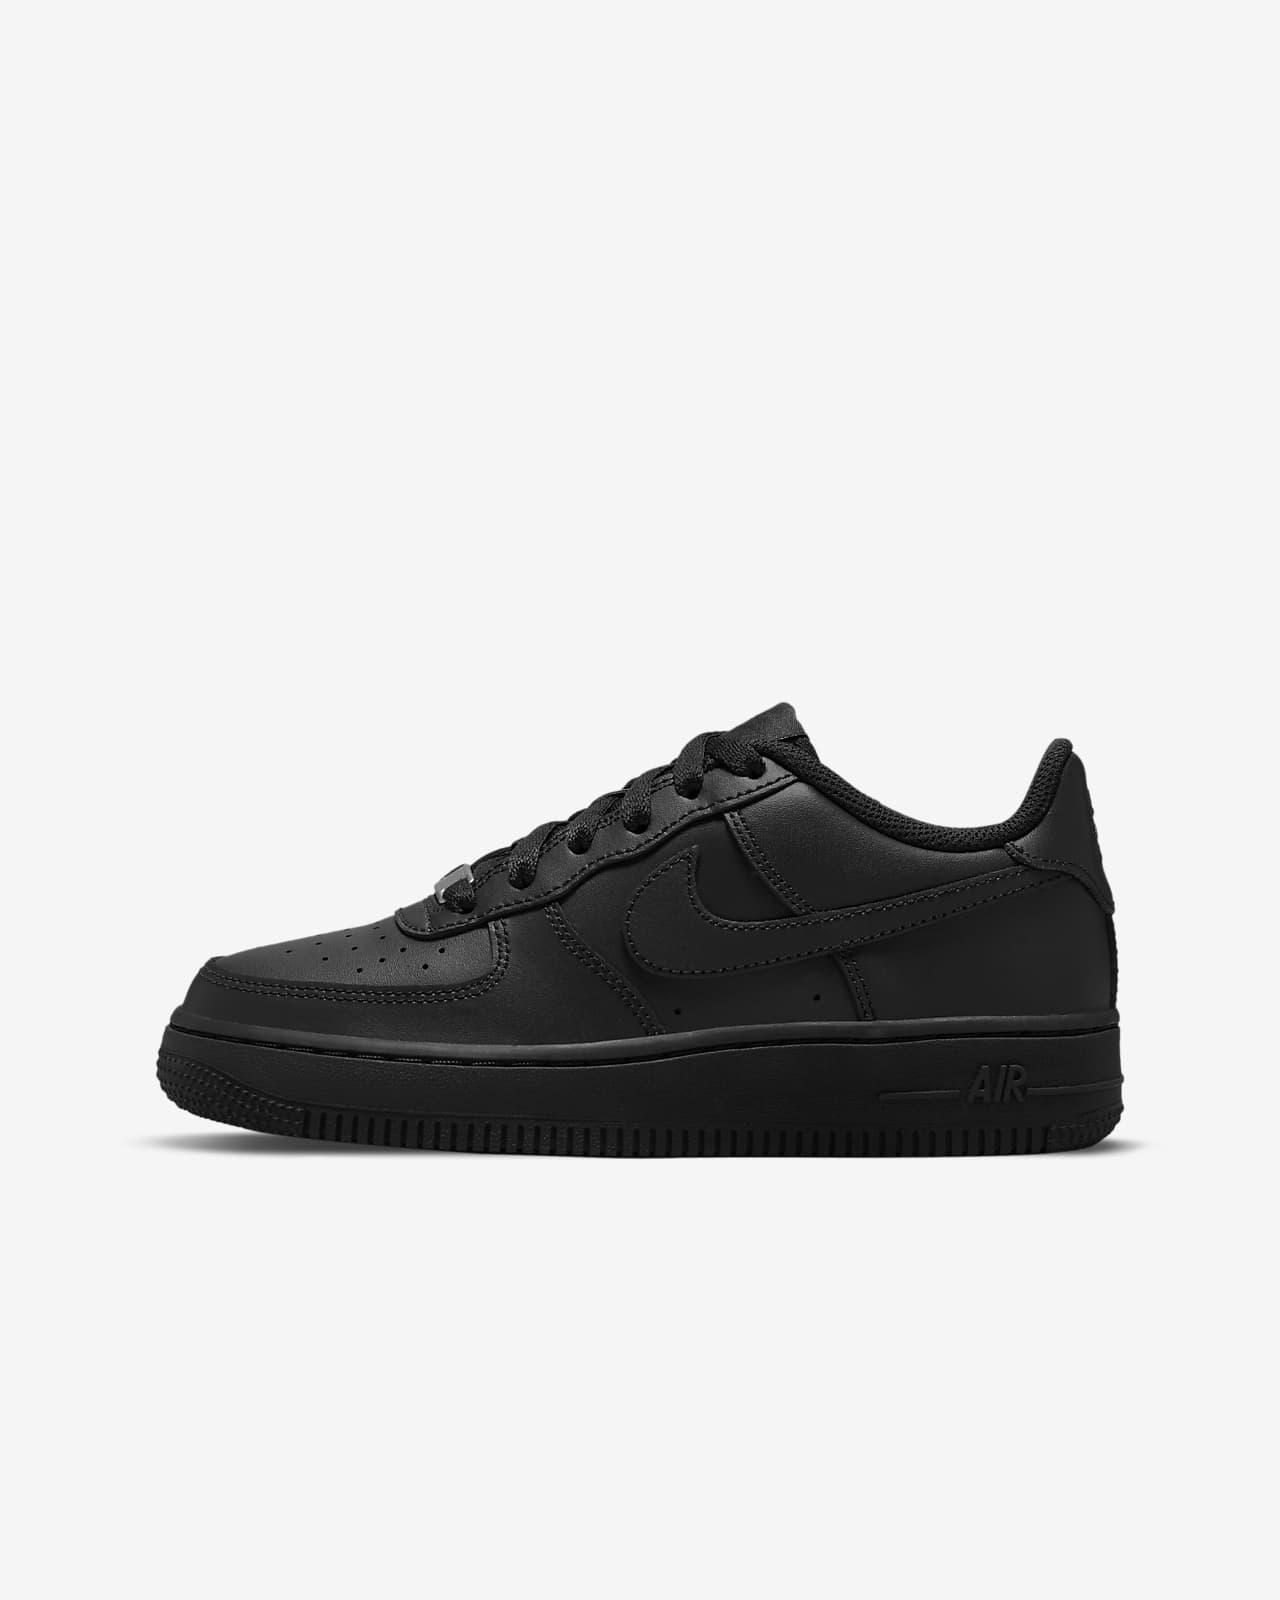 Sapatilhas Nike Air Force 1 LE Júnior